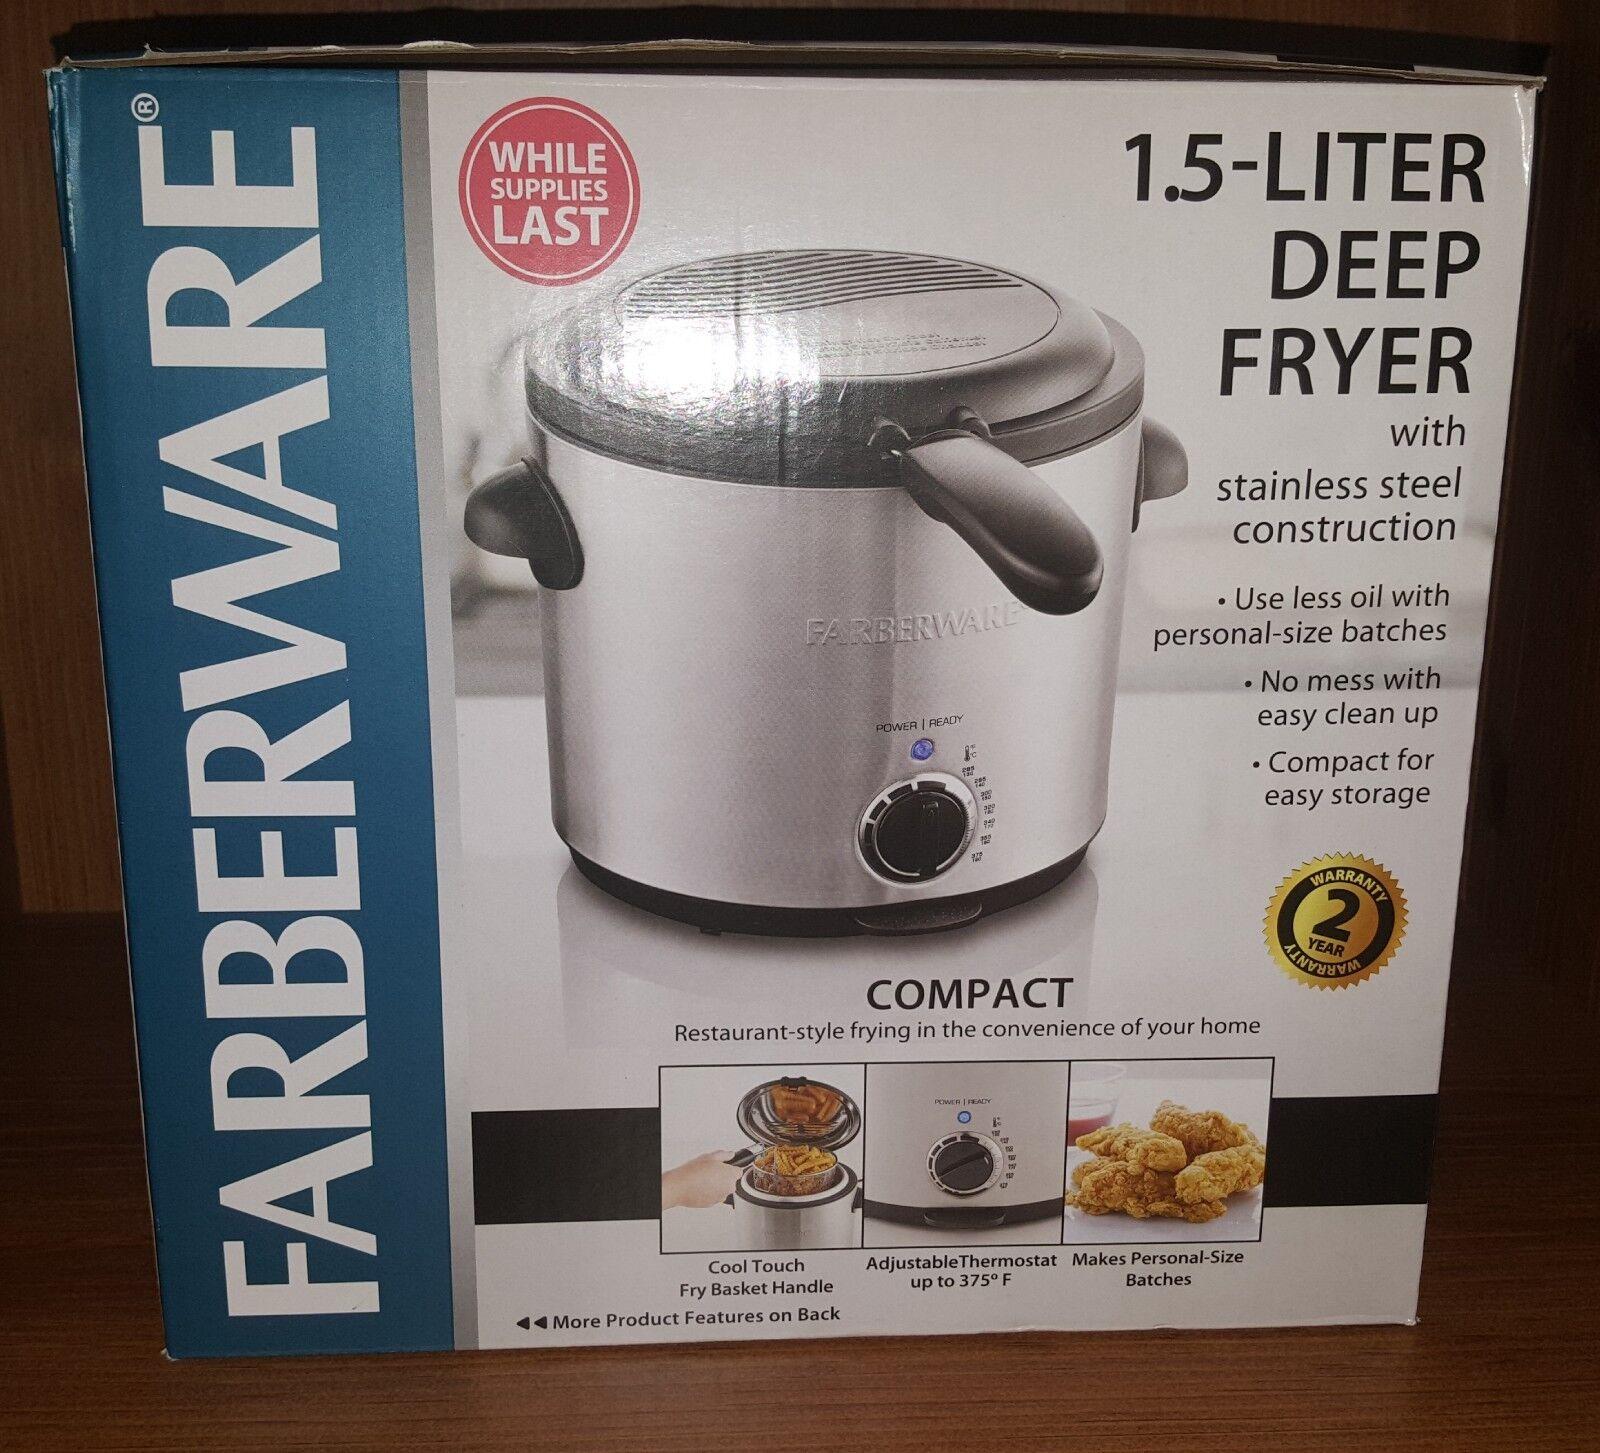 FARBERWARE 1.5-Liter Stainless Steel Deep Fryer